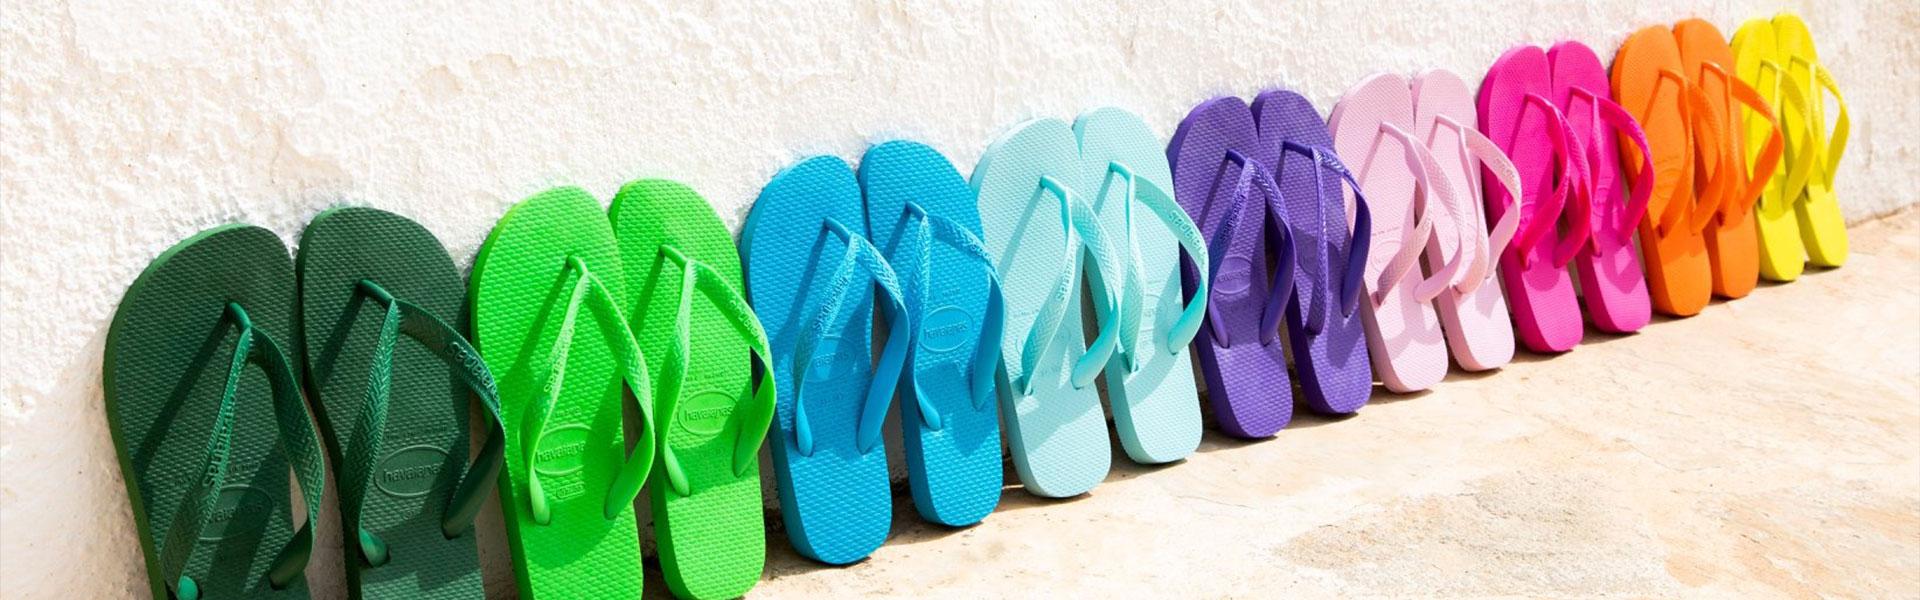 Добредојдовте Havaianas: Колоритни апостолки за најзабавно лето!